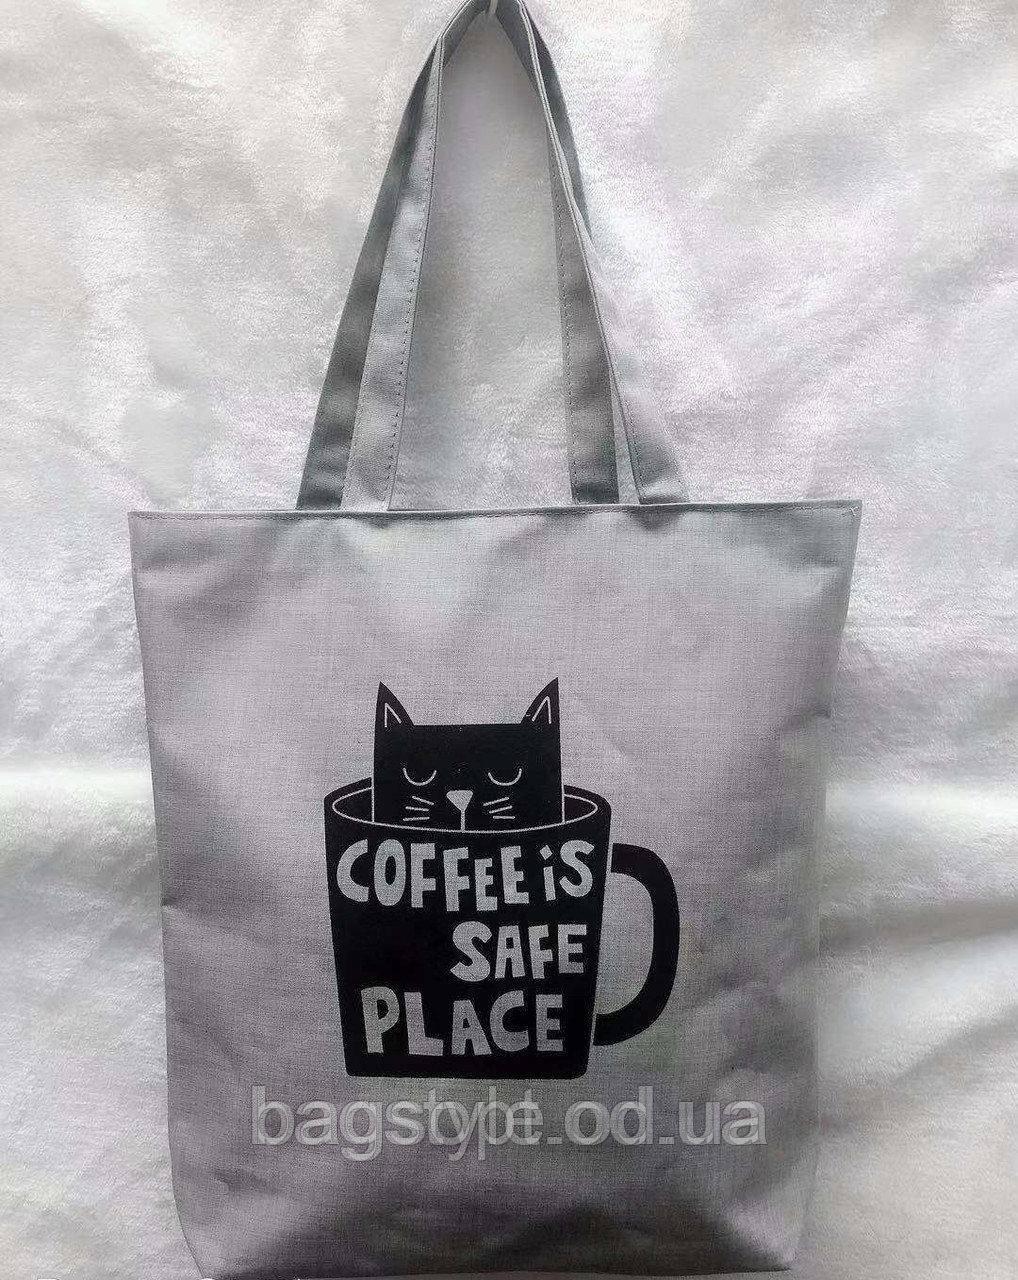 Эко сумка шоппер женская молодежная из текстиля (хлопок)